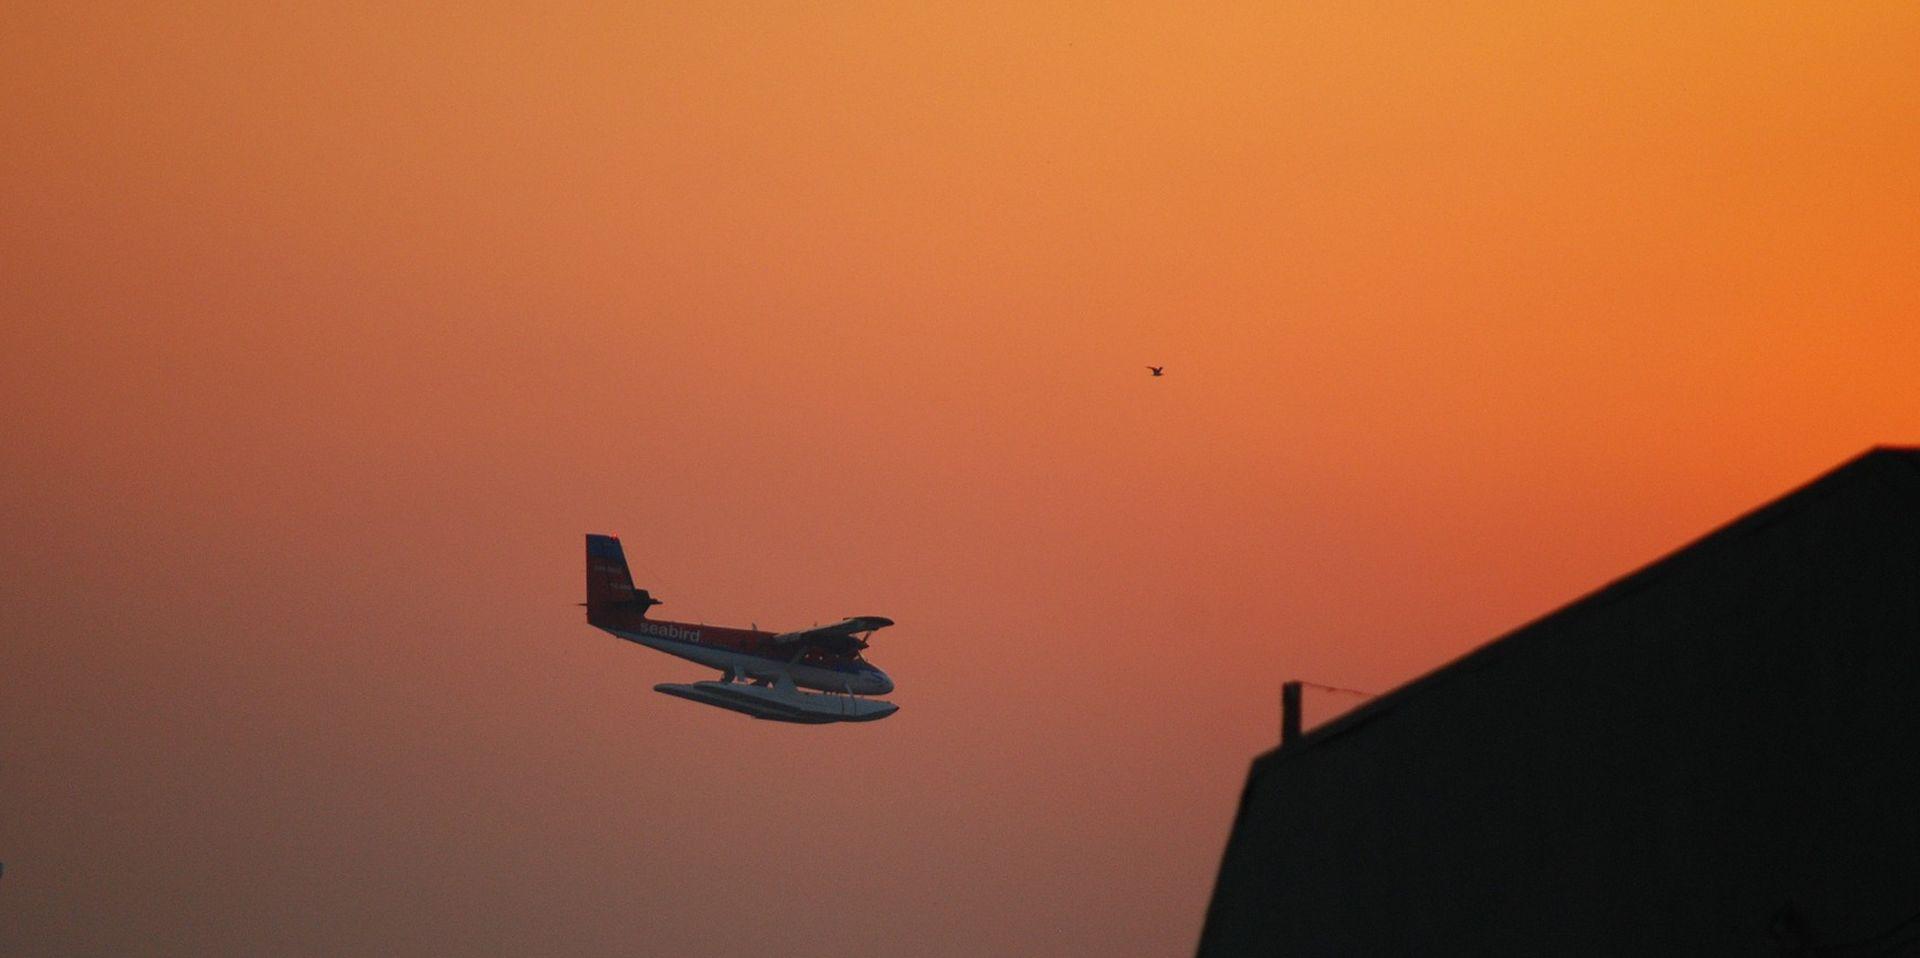 IZGUBIO KONTAKT SEDAM MINUTA NAKON POLIJETANJA Nestao indonezijski zrakoplov sa deset osoba